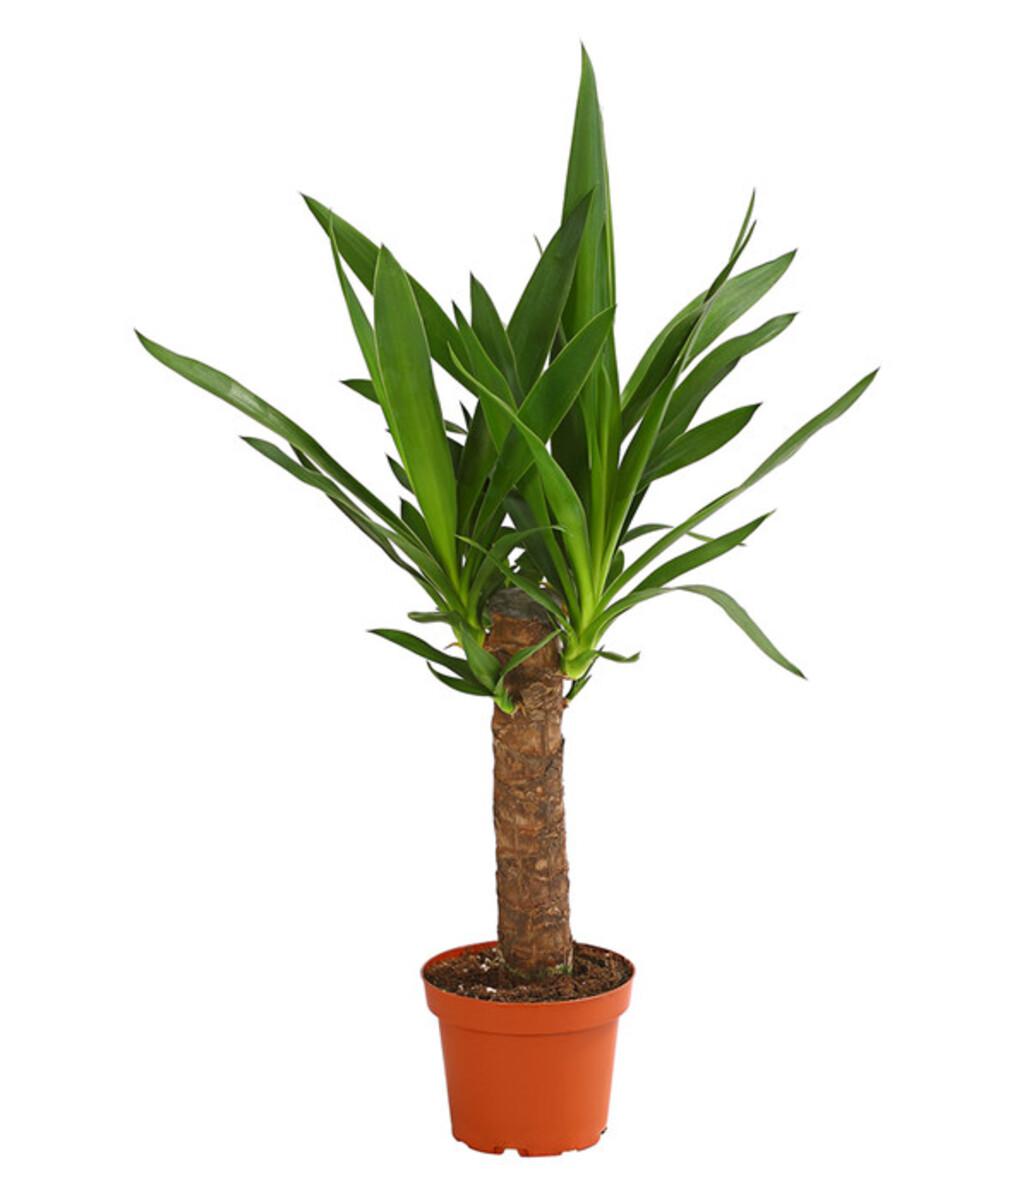 Bild 1 von Riesen-Palmlilie - Yucca-Palme